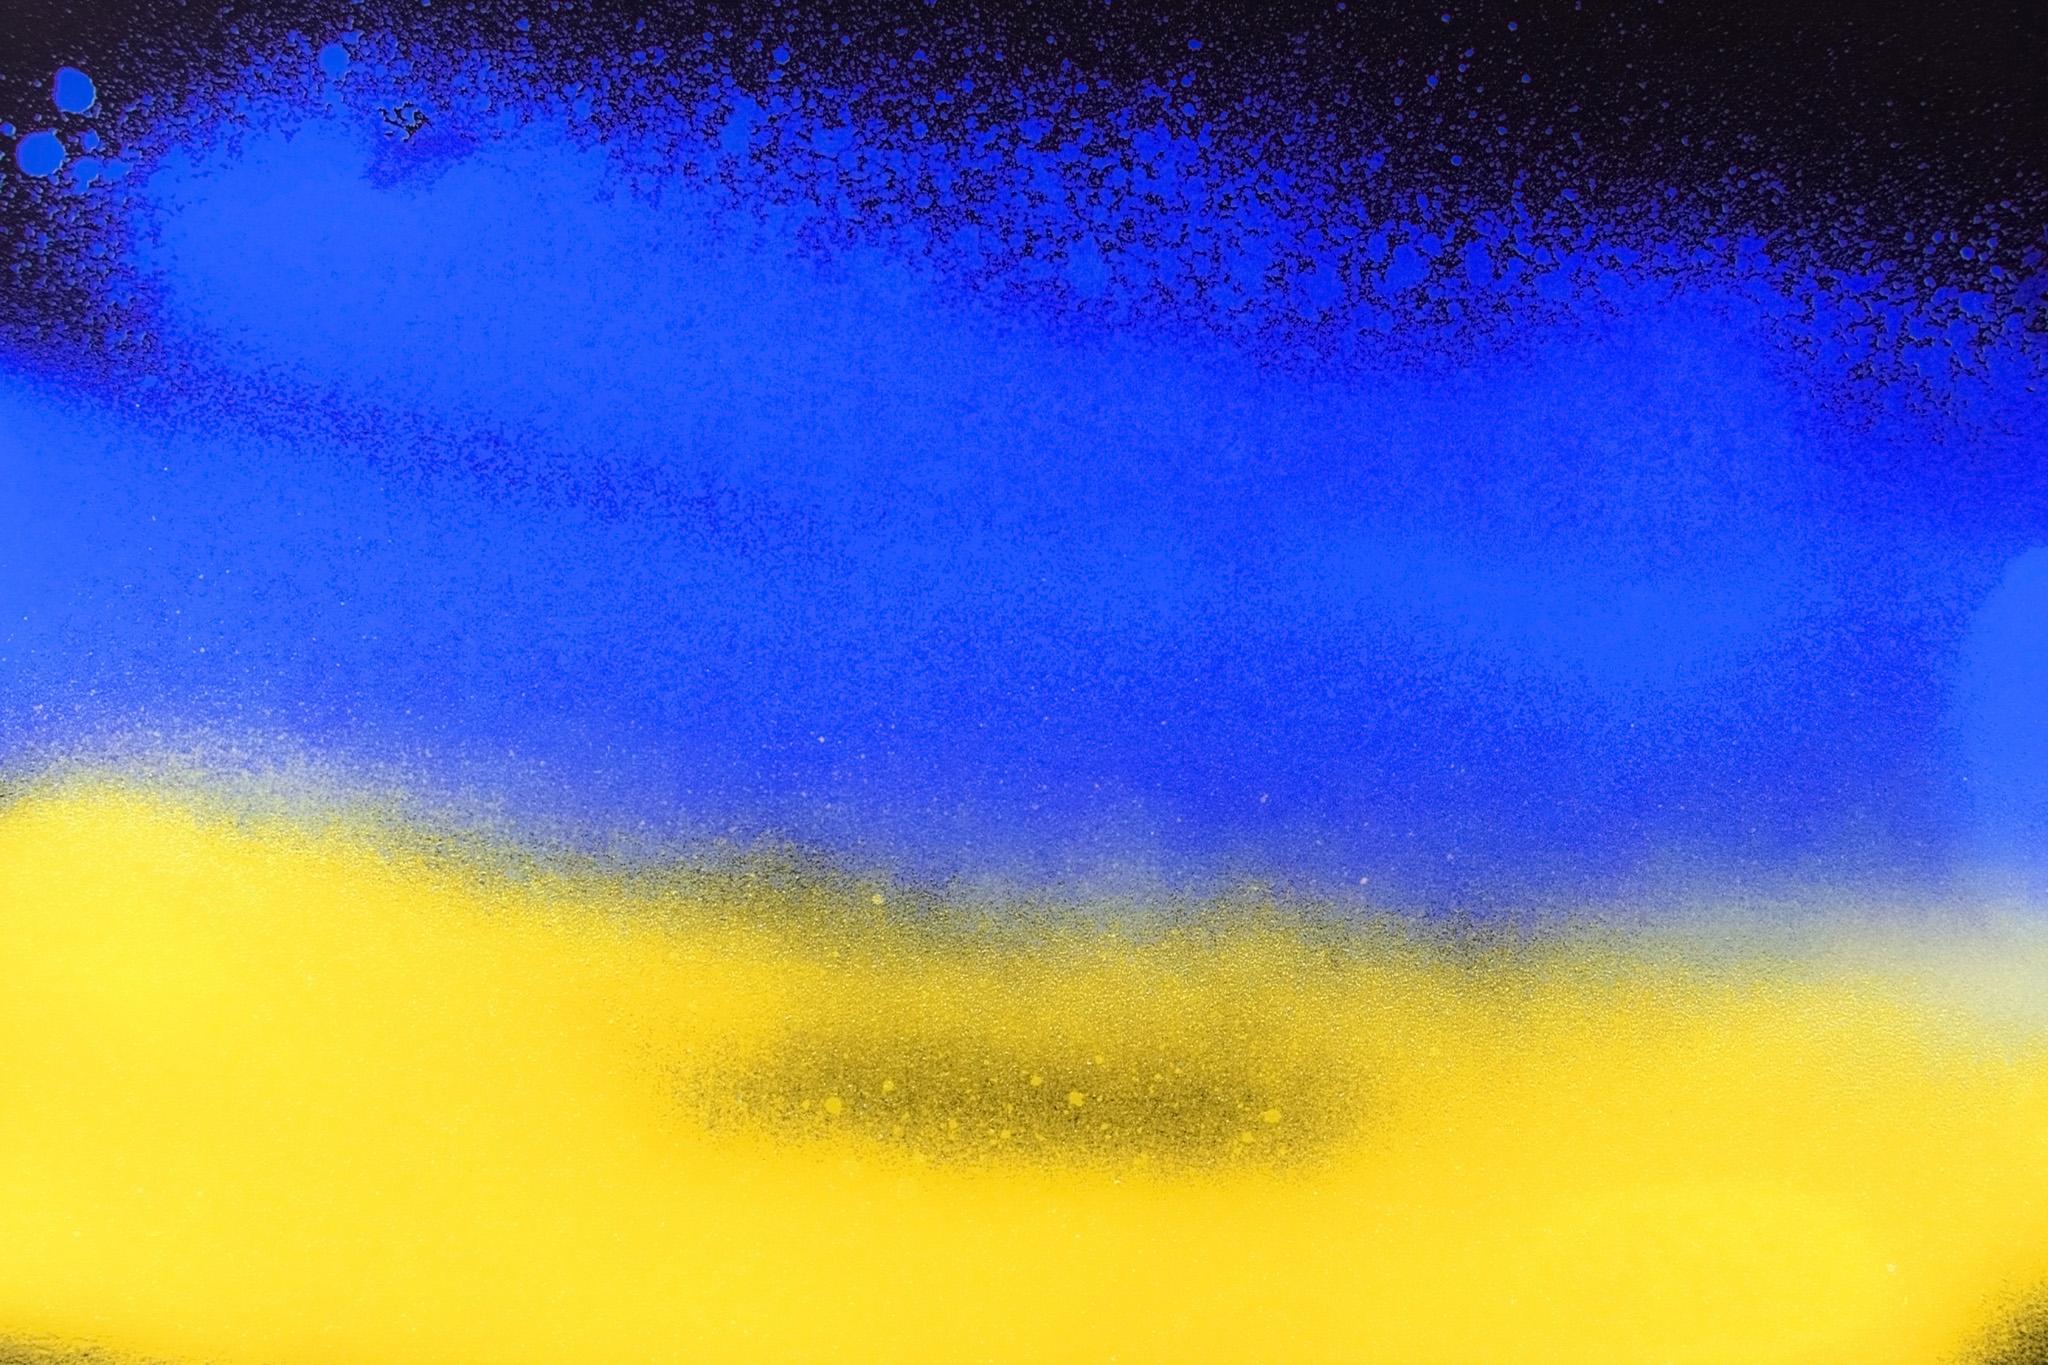 「青と黄のスプレーグラデーション」